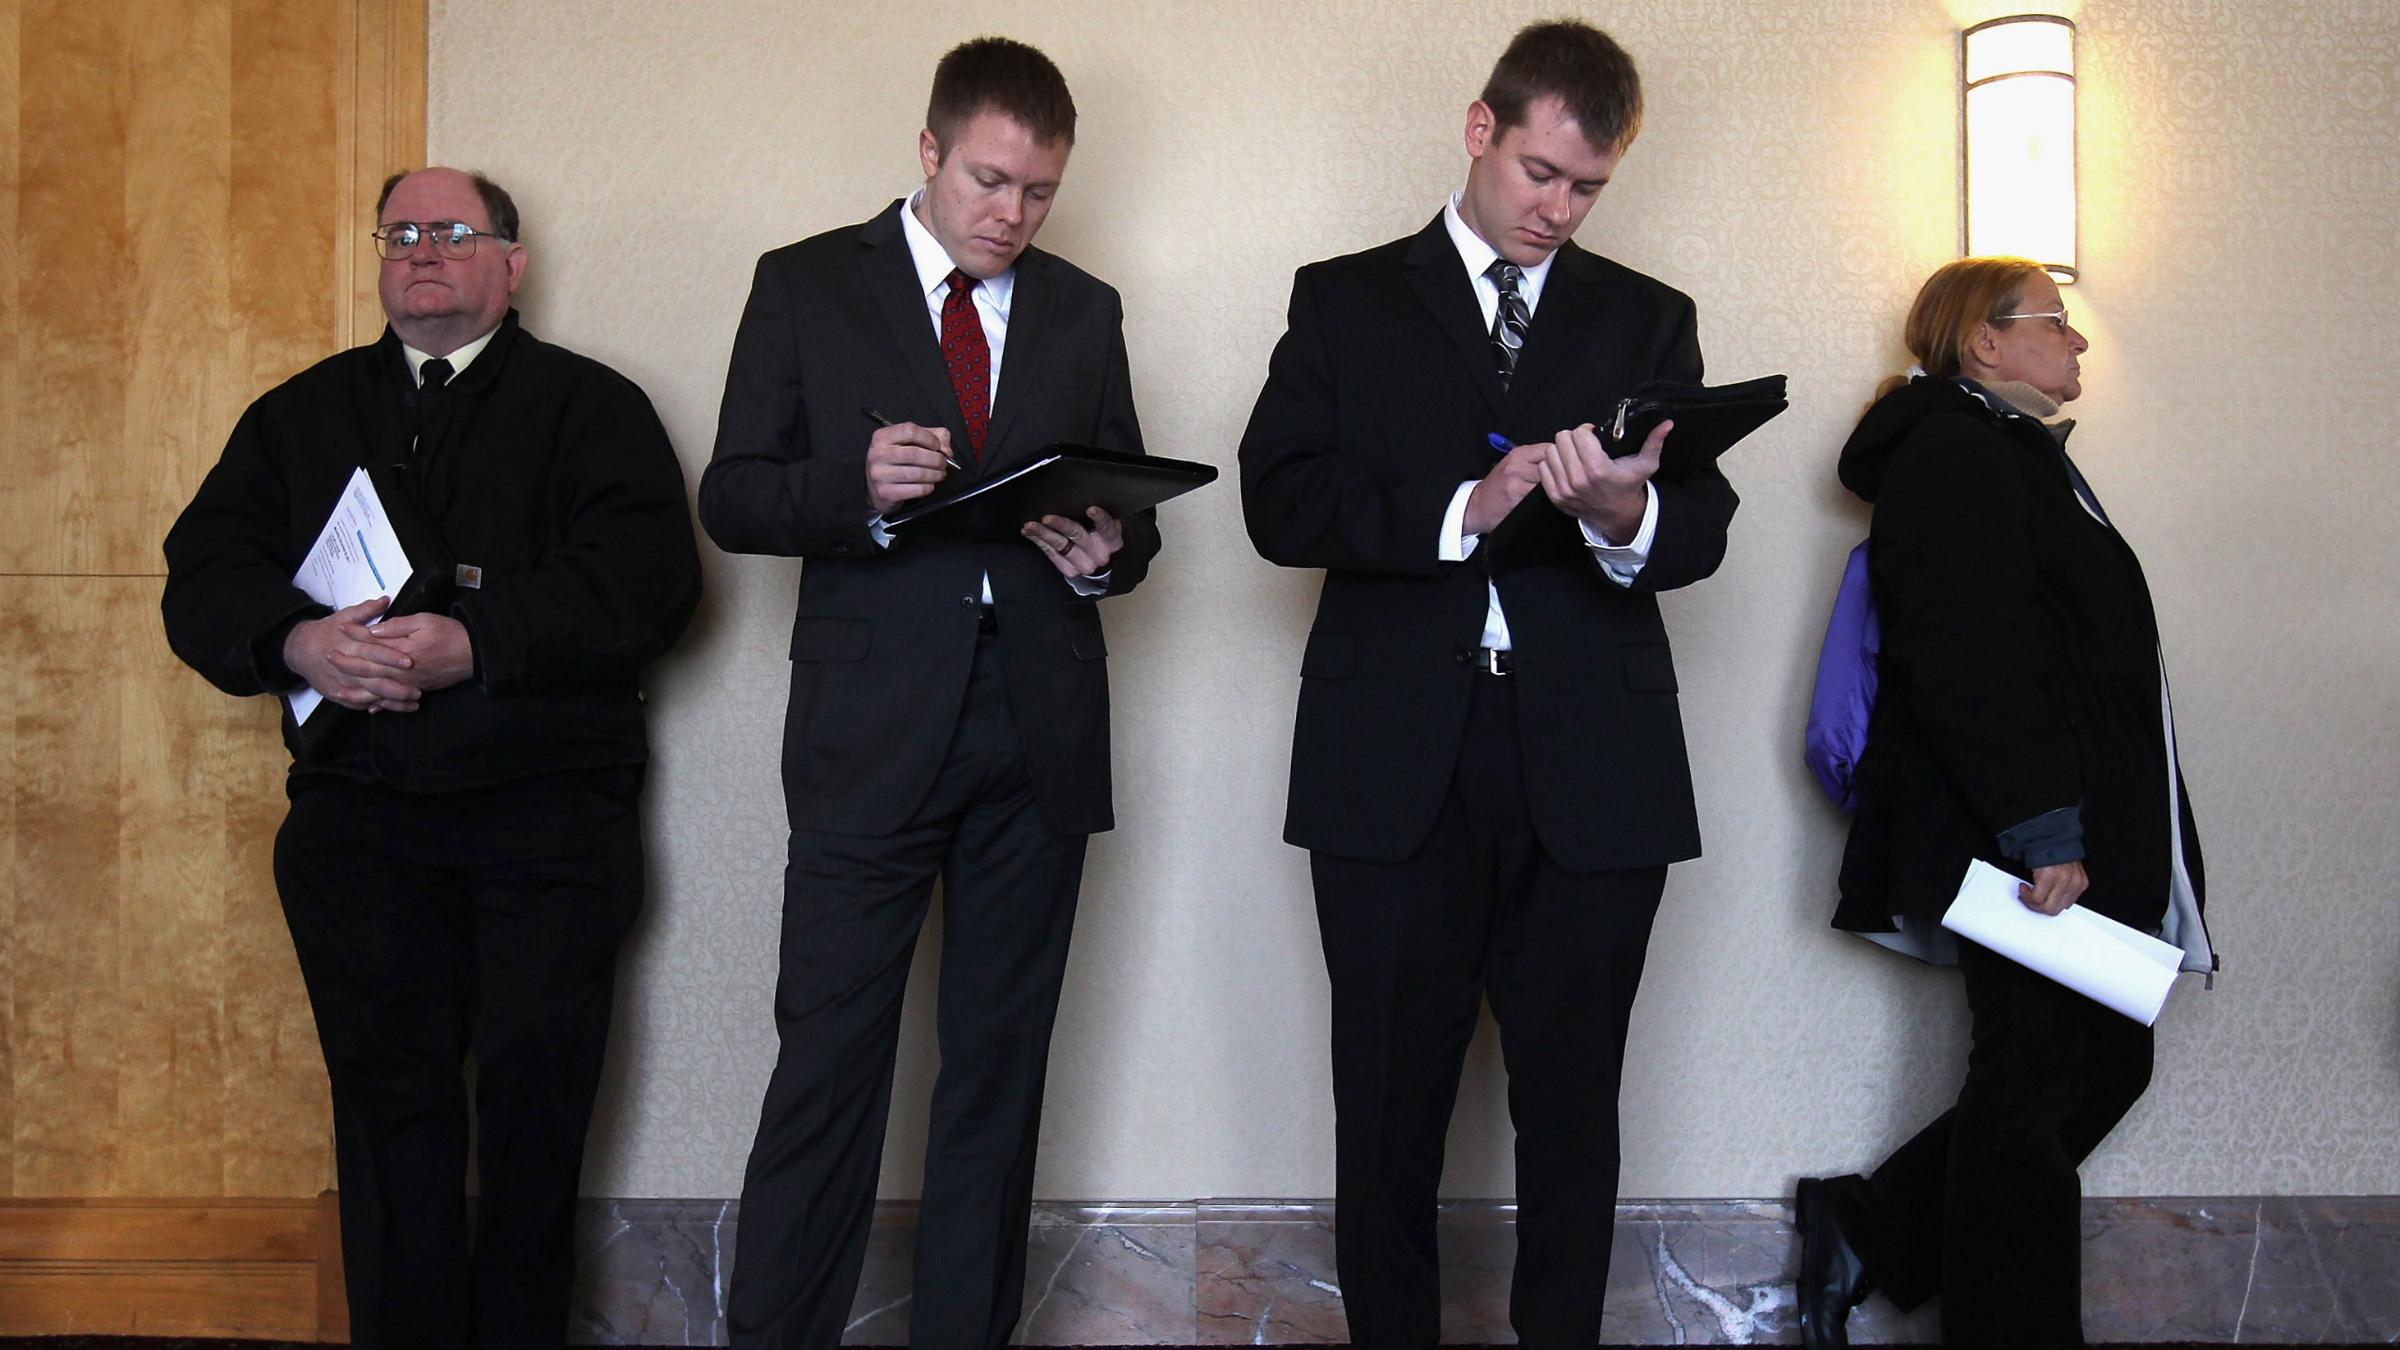 Job applicants register before entering the 'Denver Hires Job Fair'